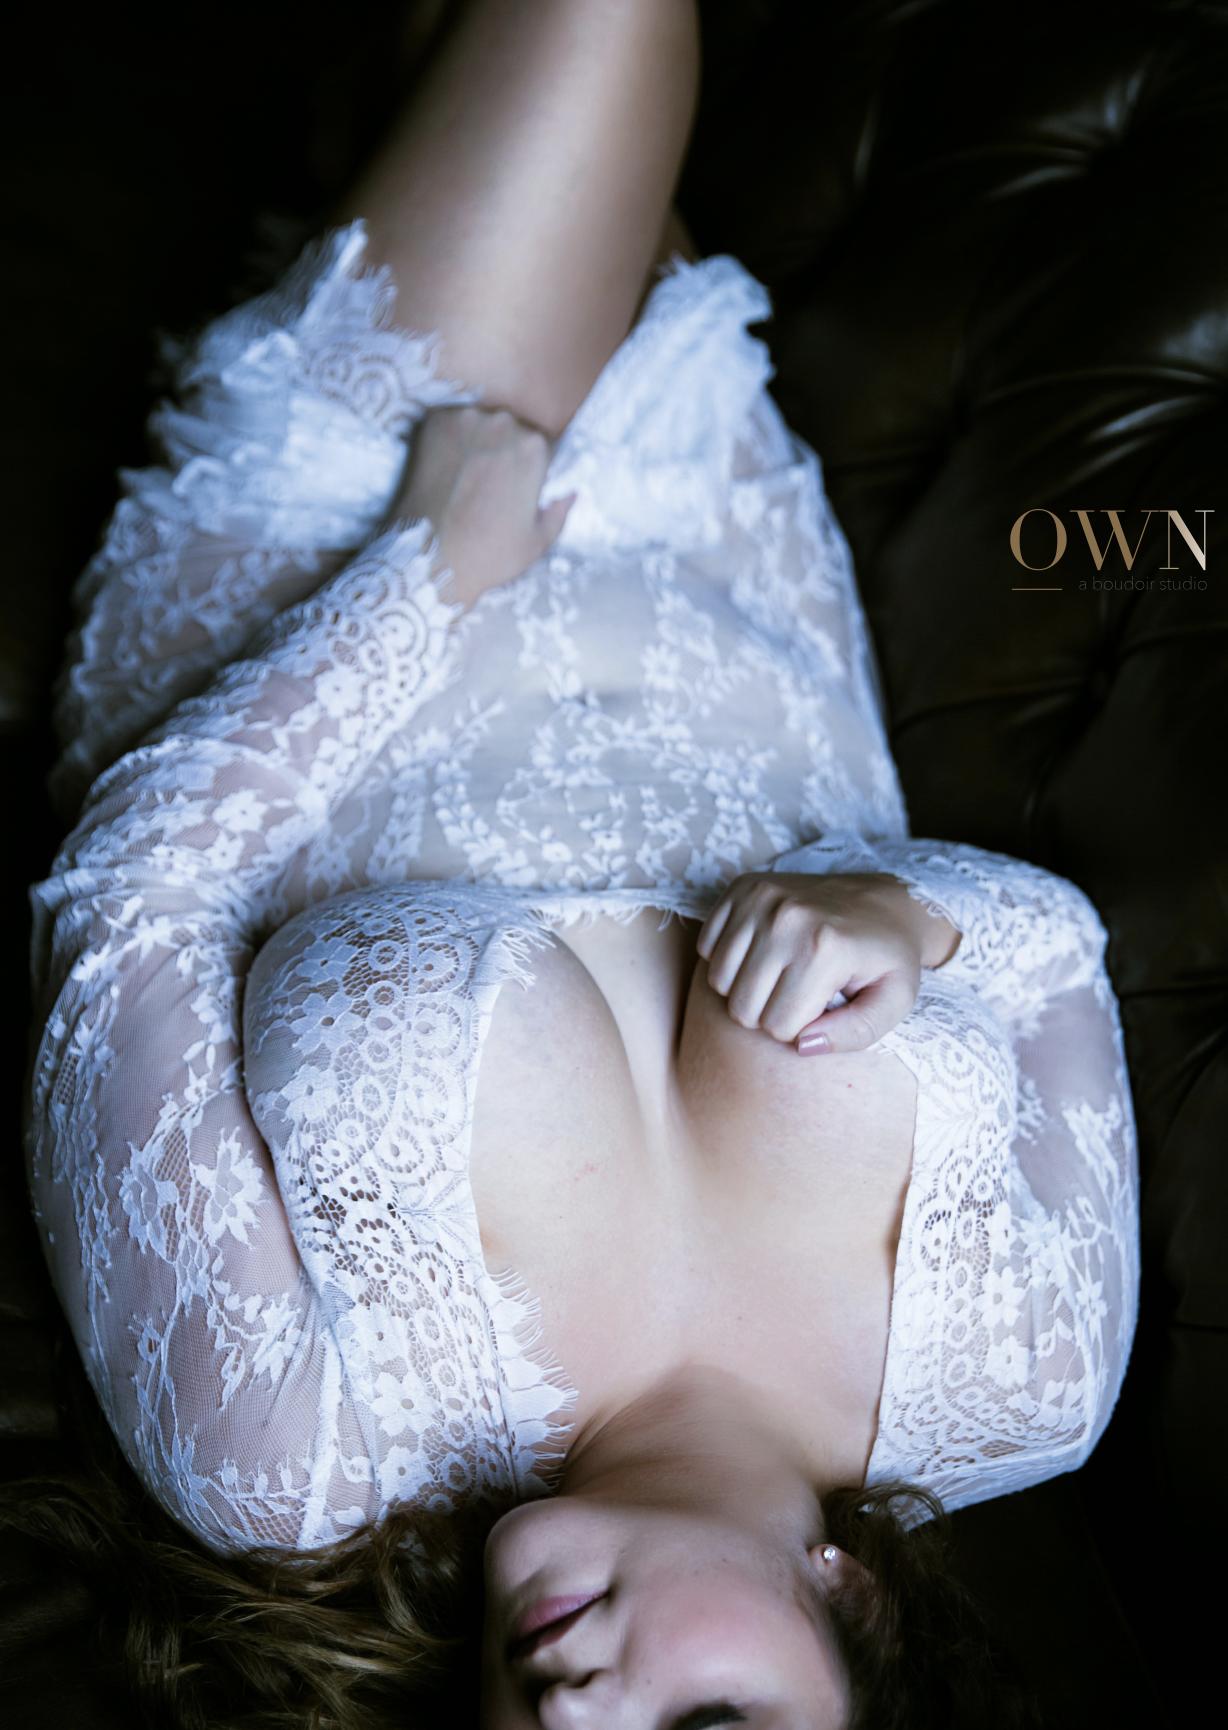 atlanta boudoir photographer, bridal boudoir, wedding boudoir ideas, boudoir tips, best boudoir tips